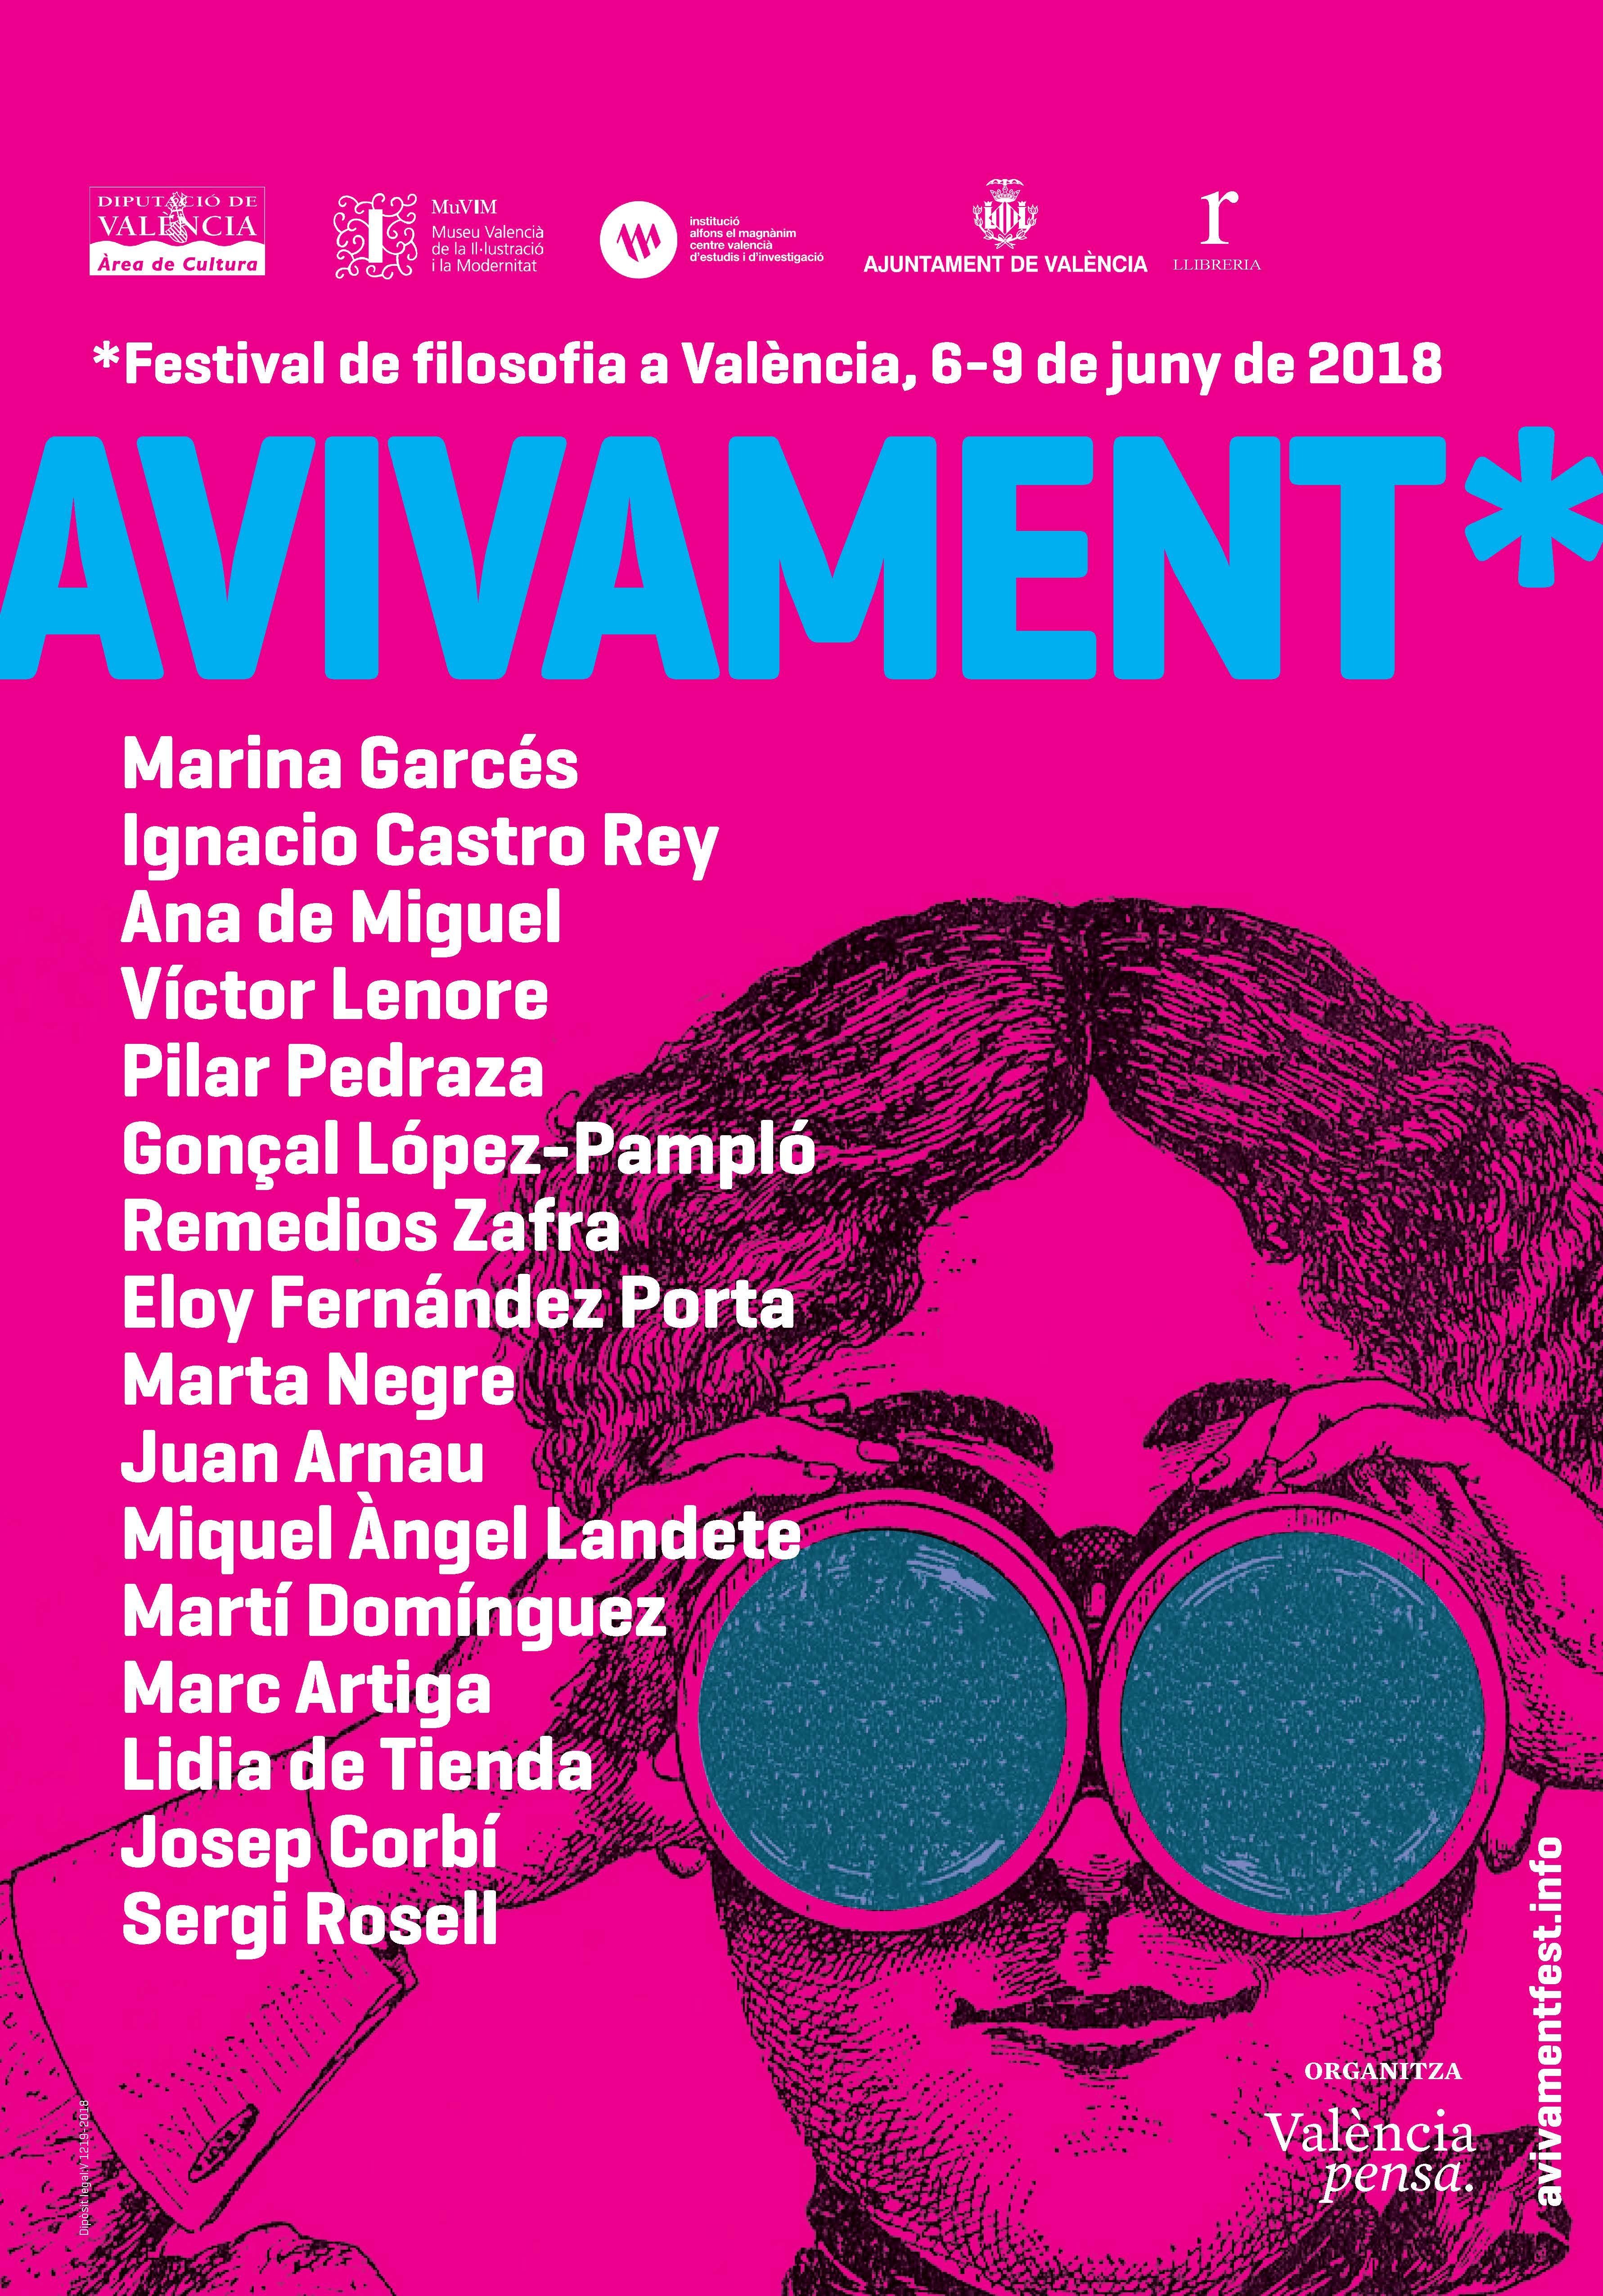 Marina Garcés y Remedios Zafra participarán en el festival de filosofía Avivament | Las Provincias, 19.5.2018